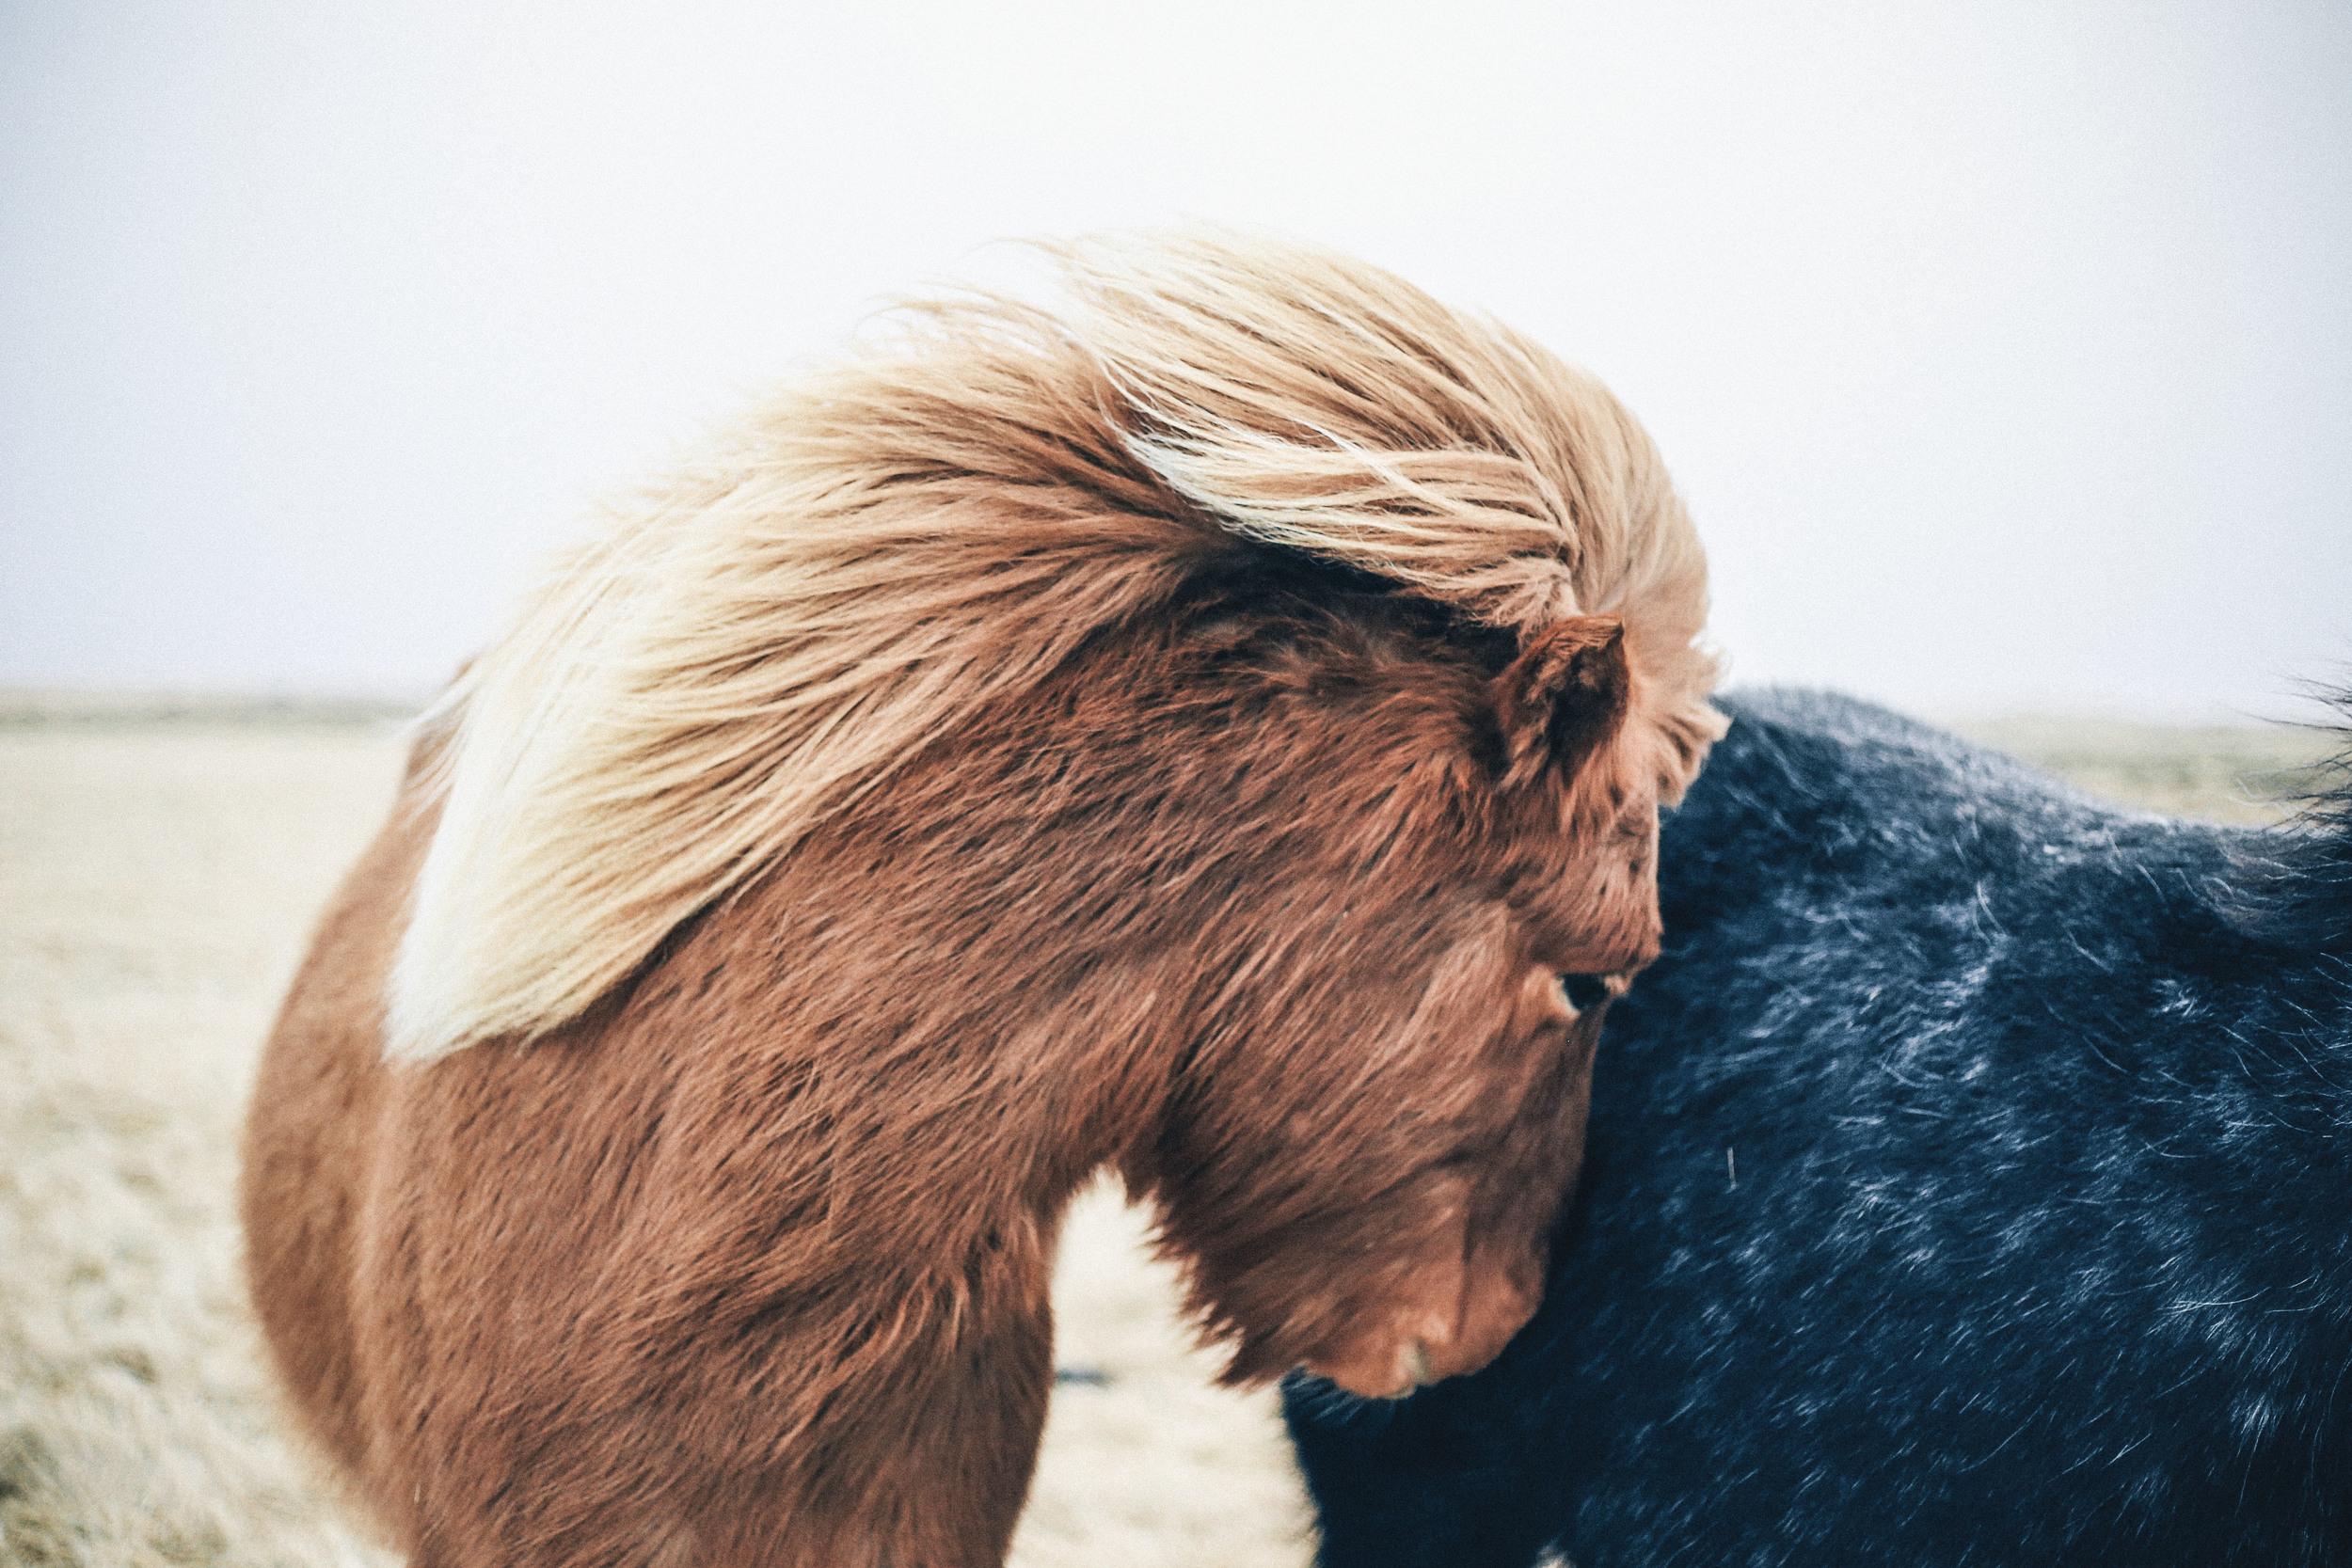 Even ponies get shy